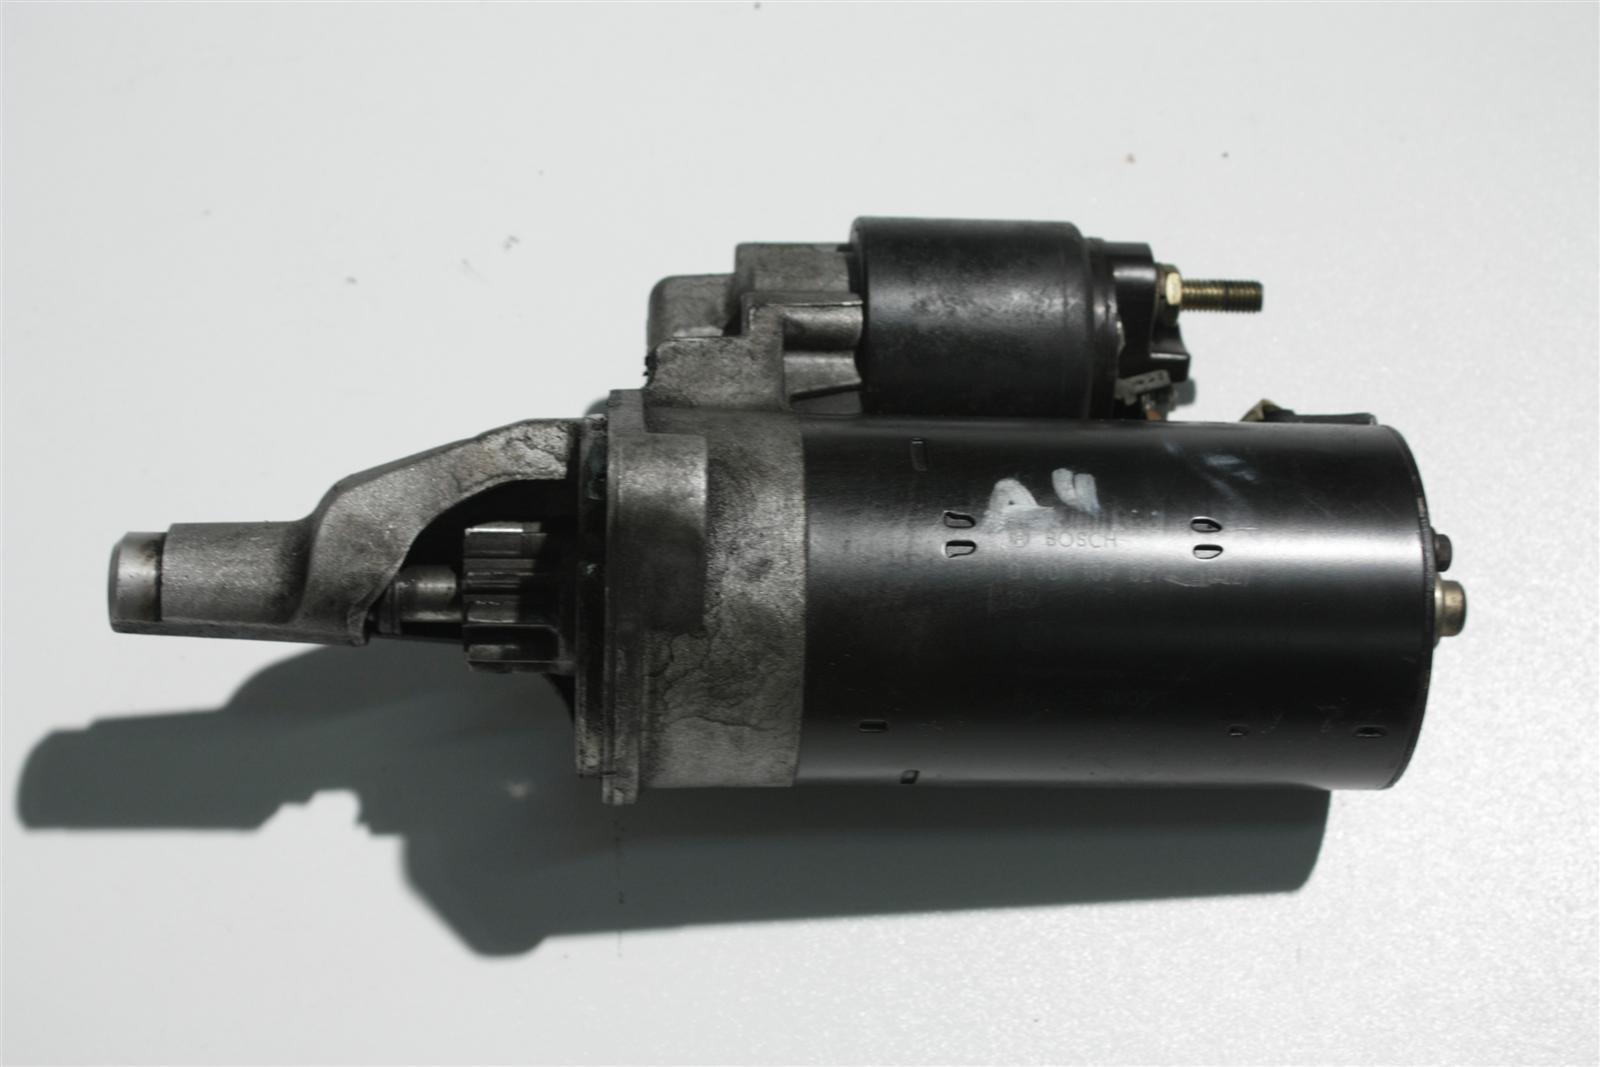 Audi A4/S4 B5/A6 4B/A8 D2 2.5l Anlasser 6 Zylinder 059911023H